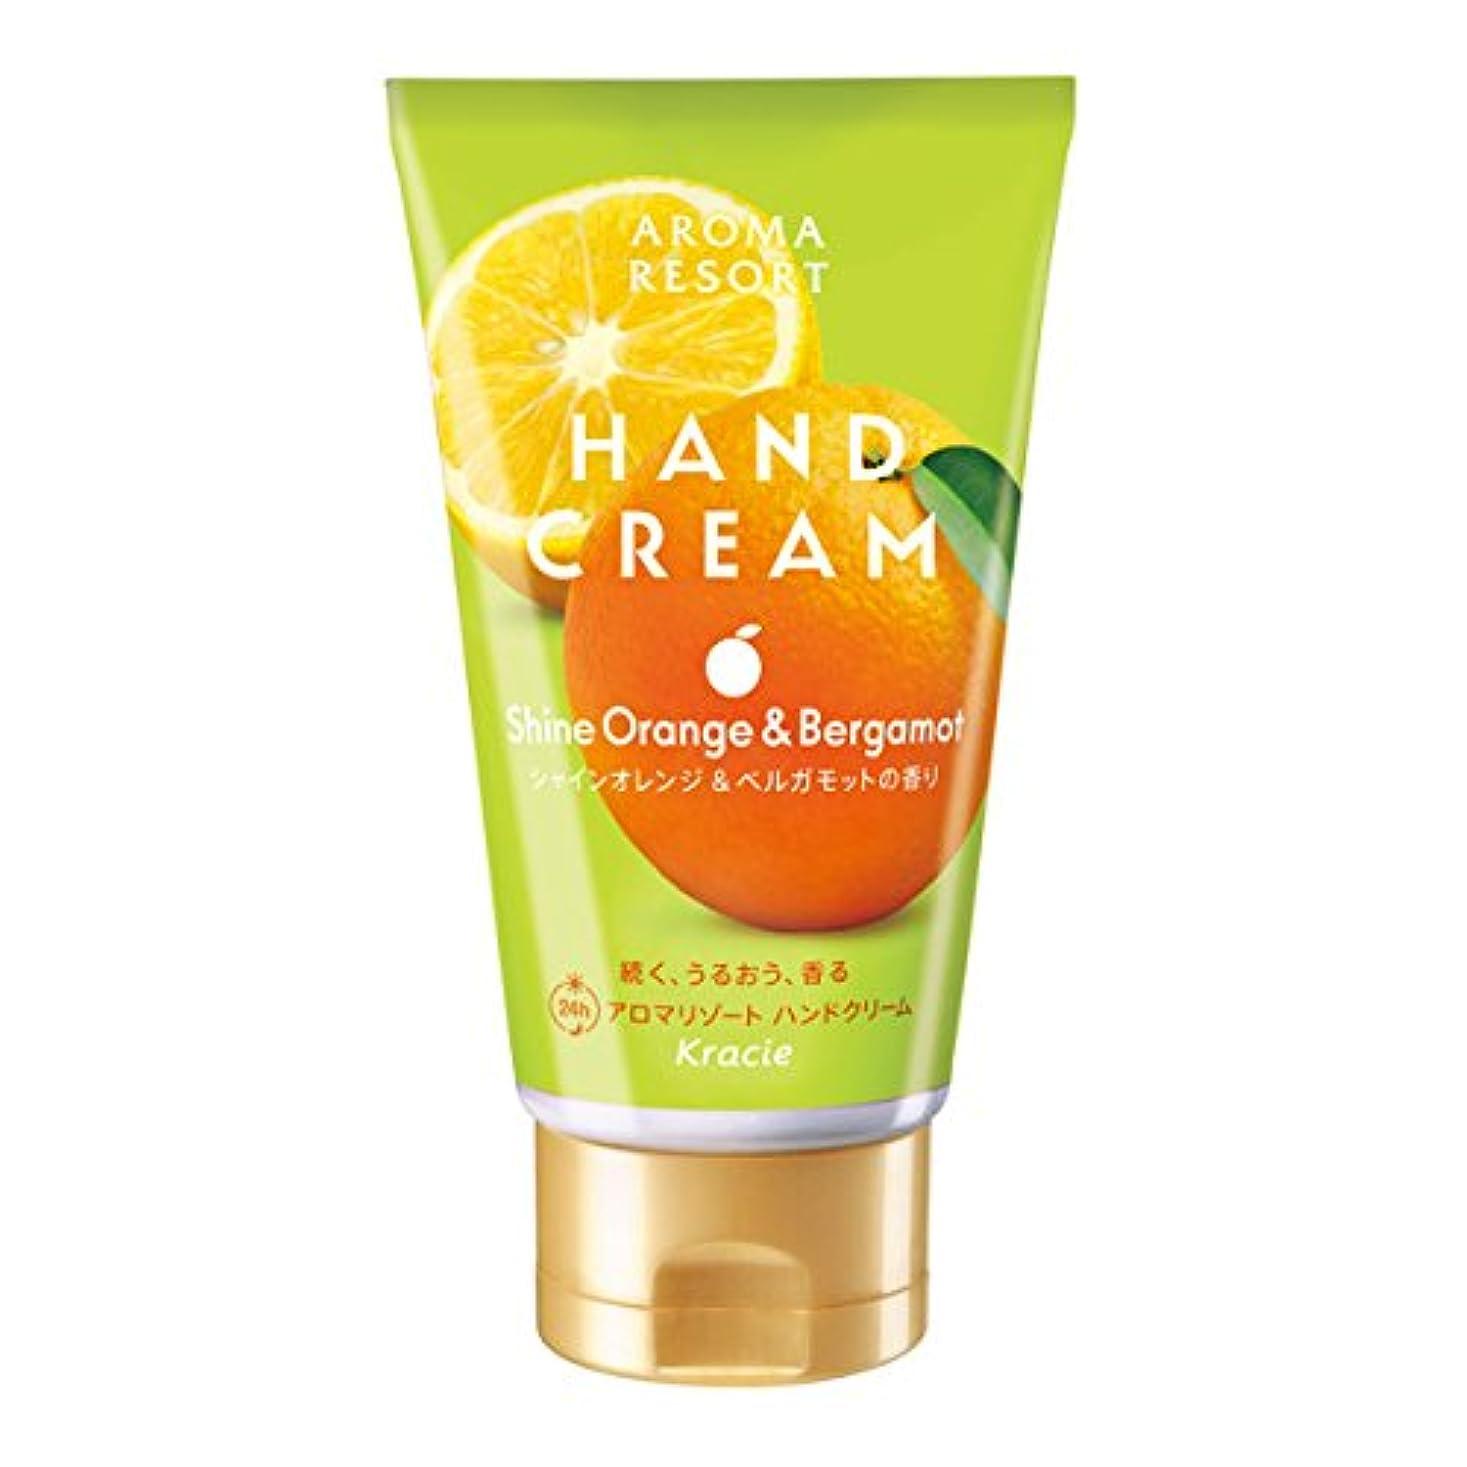 残酷属性蓋アロマリゾート ハンドクリーム シャインオレンジ&ベルガモットの香り 70g